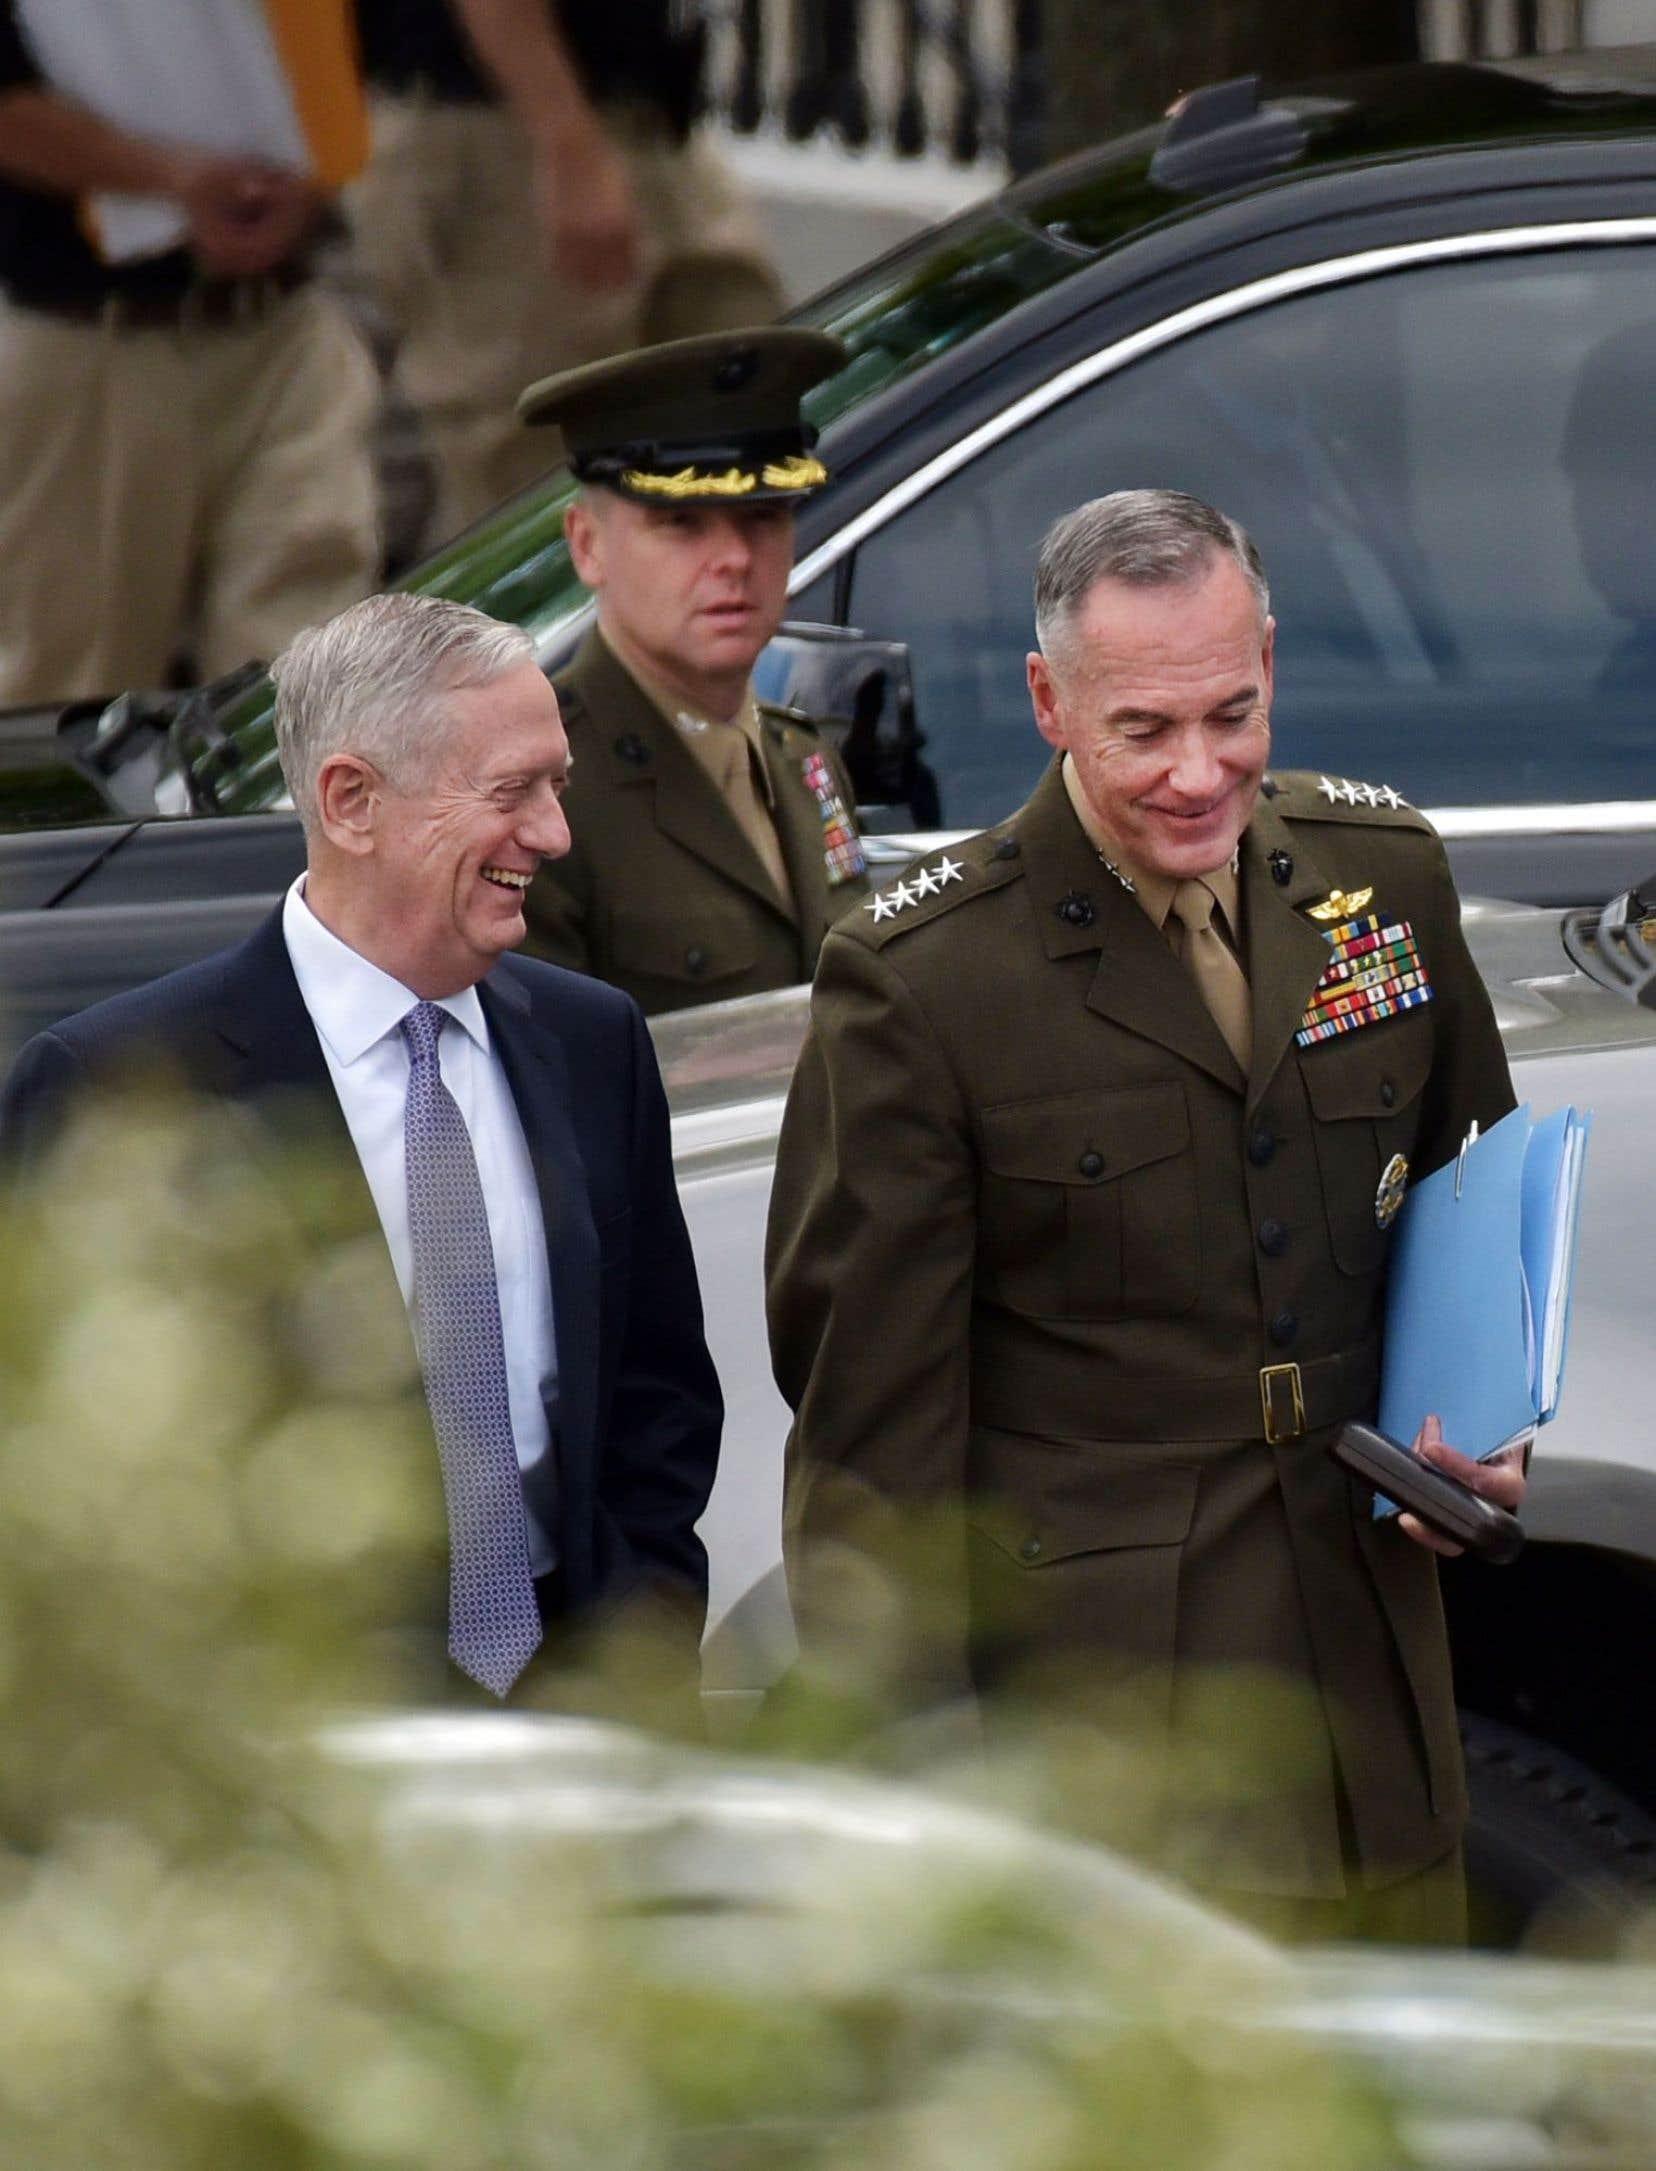 Le chef du Pentagone, James Mattis, et le général Joseph Dunford, le plus haut gradé du pays, à l'issue d'une réunion exceptionnelle à la Maison-Blanche mercredi avec les 100 sénateurs américains